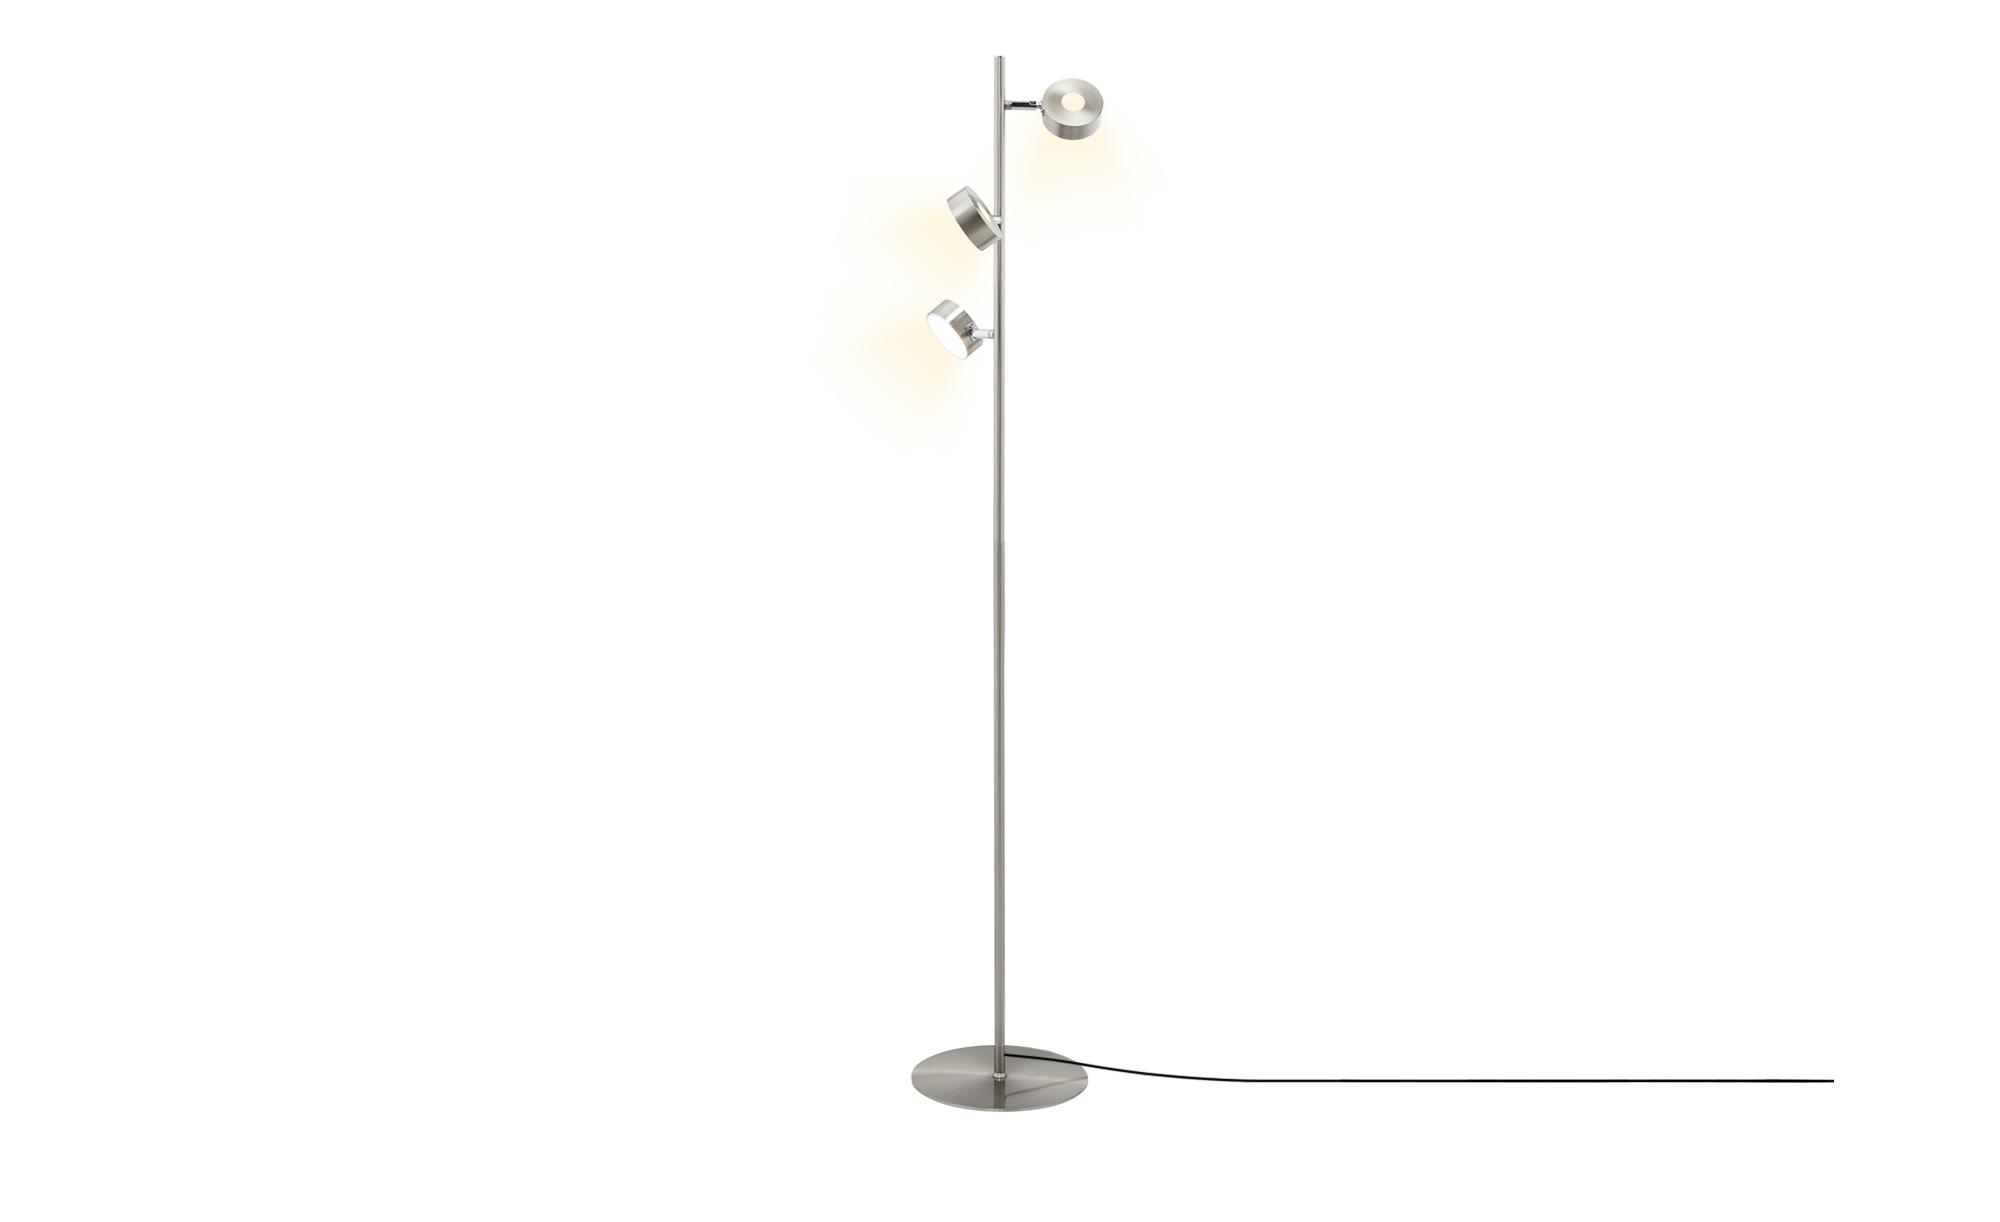 KHG LED-Stehleuchte, Nickel matt ¦ silber ¦ Maße (cm): H: 140 Ø: [25.0] Lampen & Leuchten > Innenleuchten > Stehlampen - Höffner